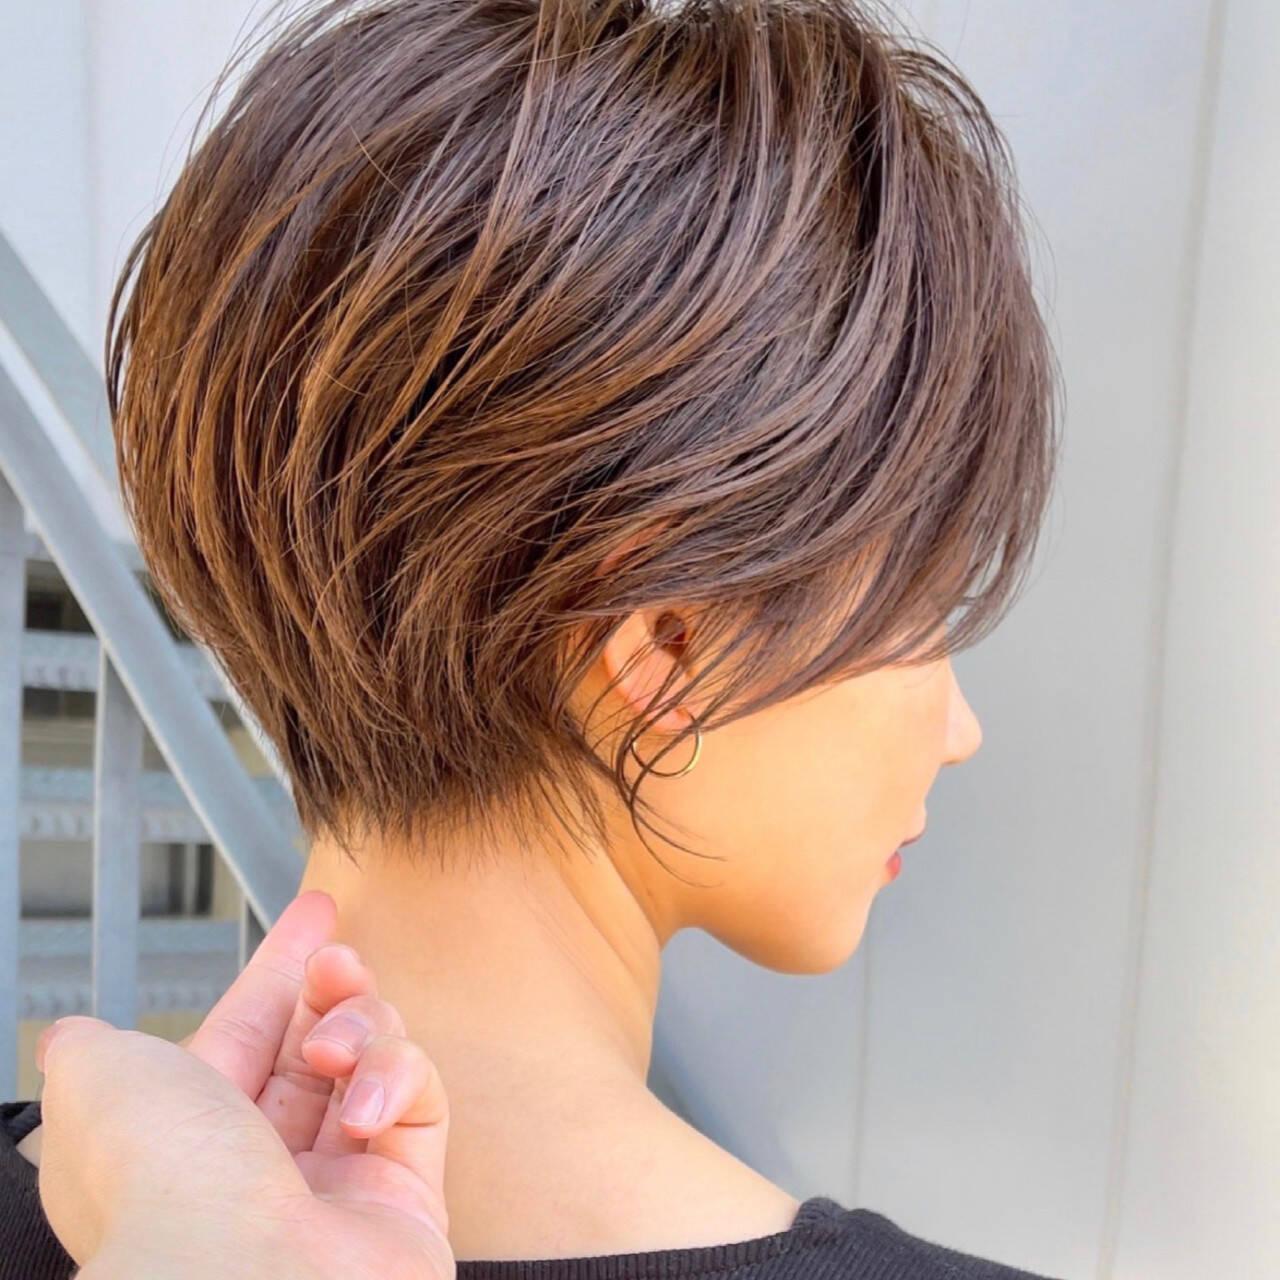 ショートカット ショートヘア ハンサムショート ショートボブヘアスタイルや髪型の写真・画像